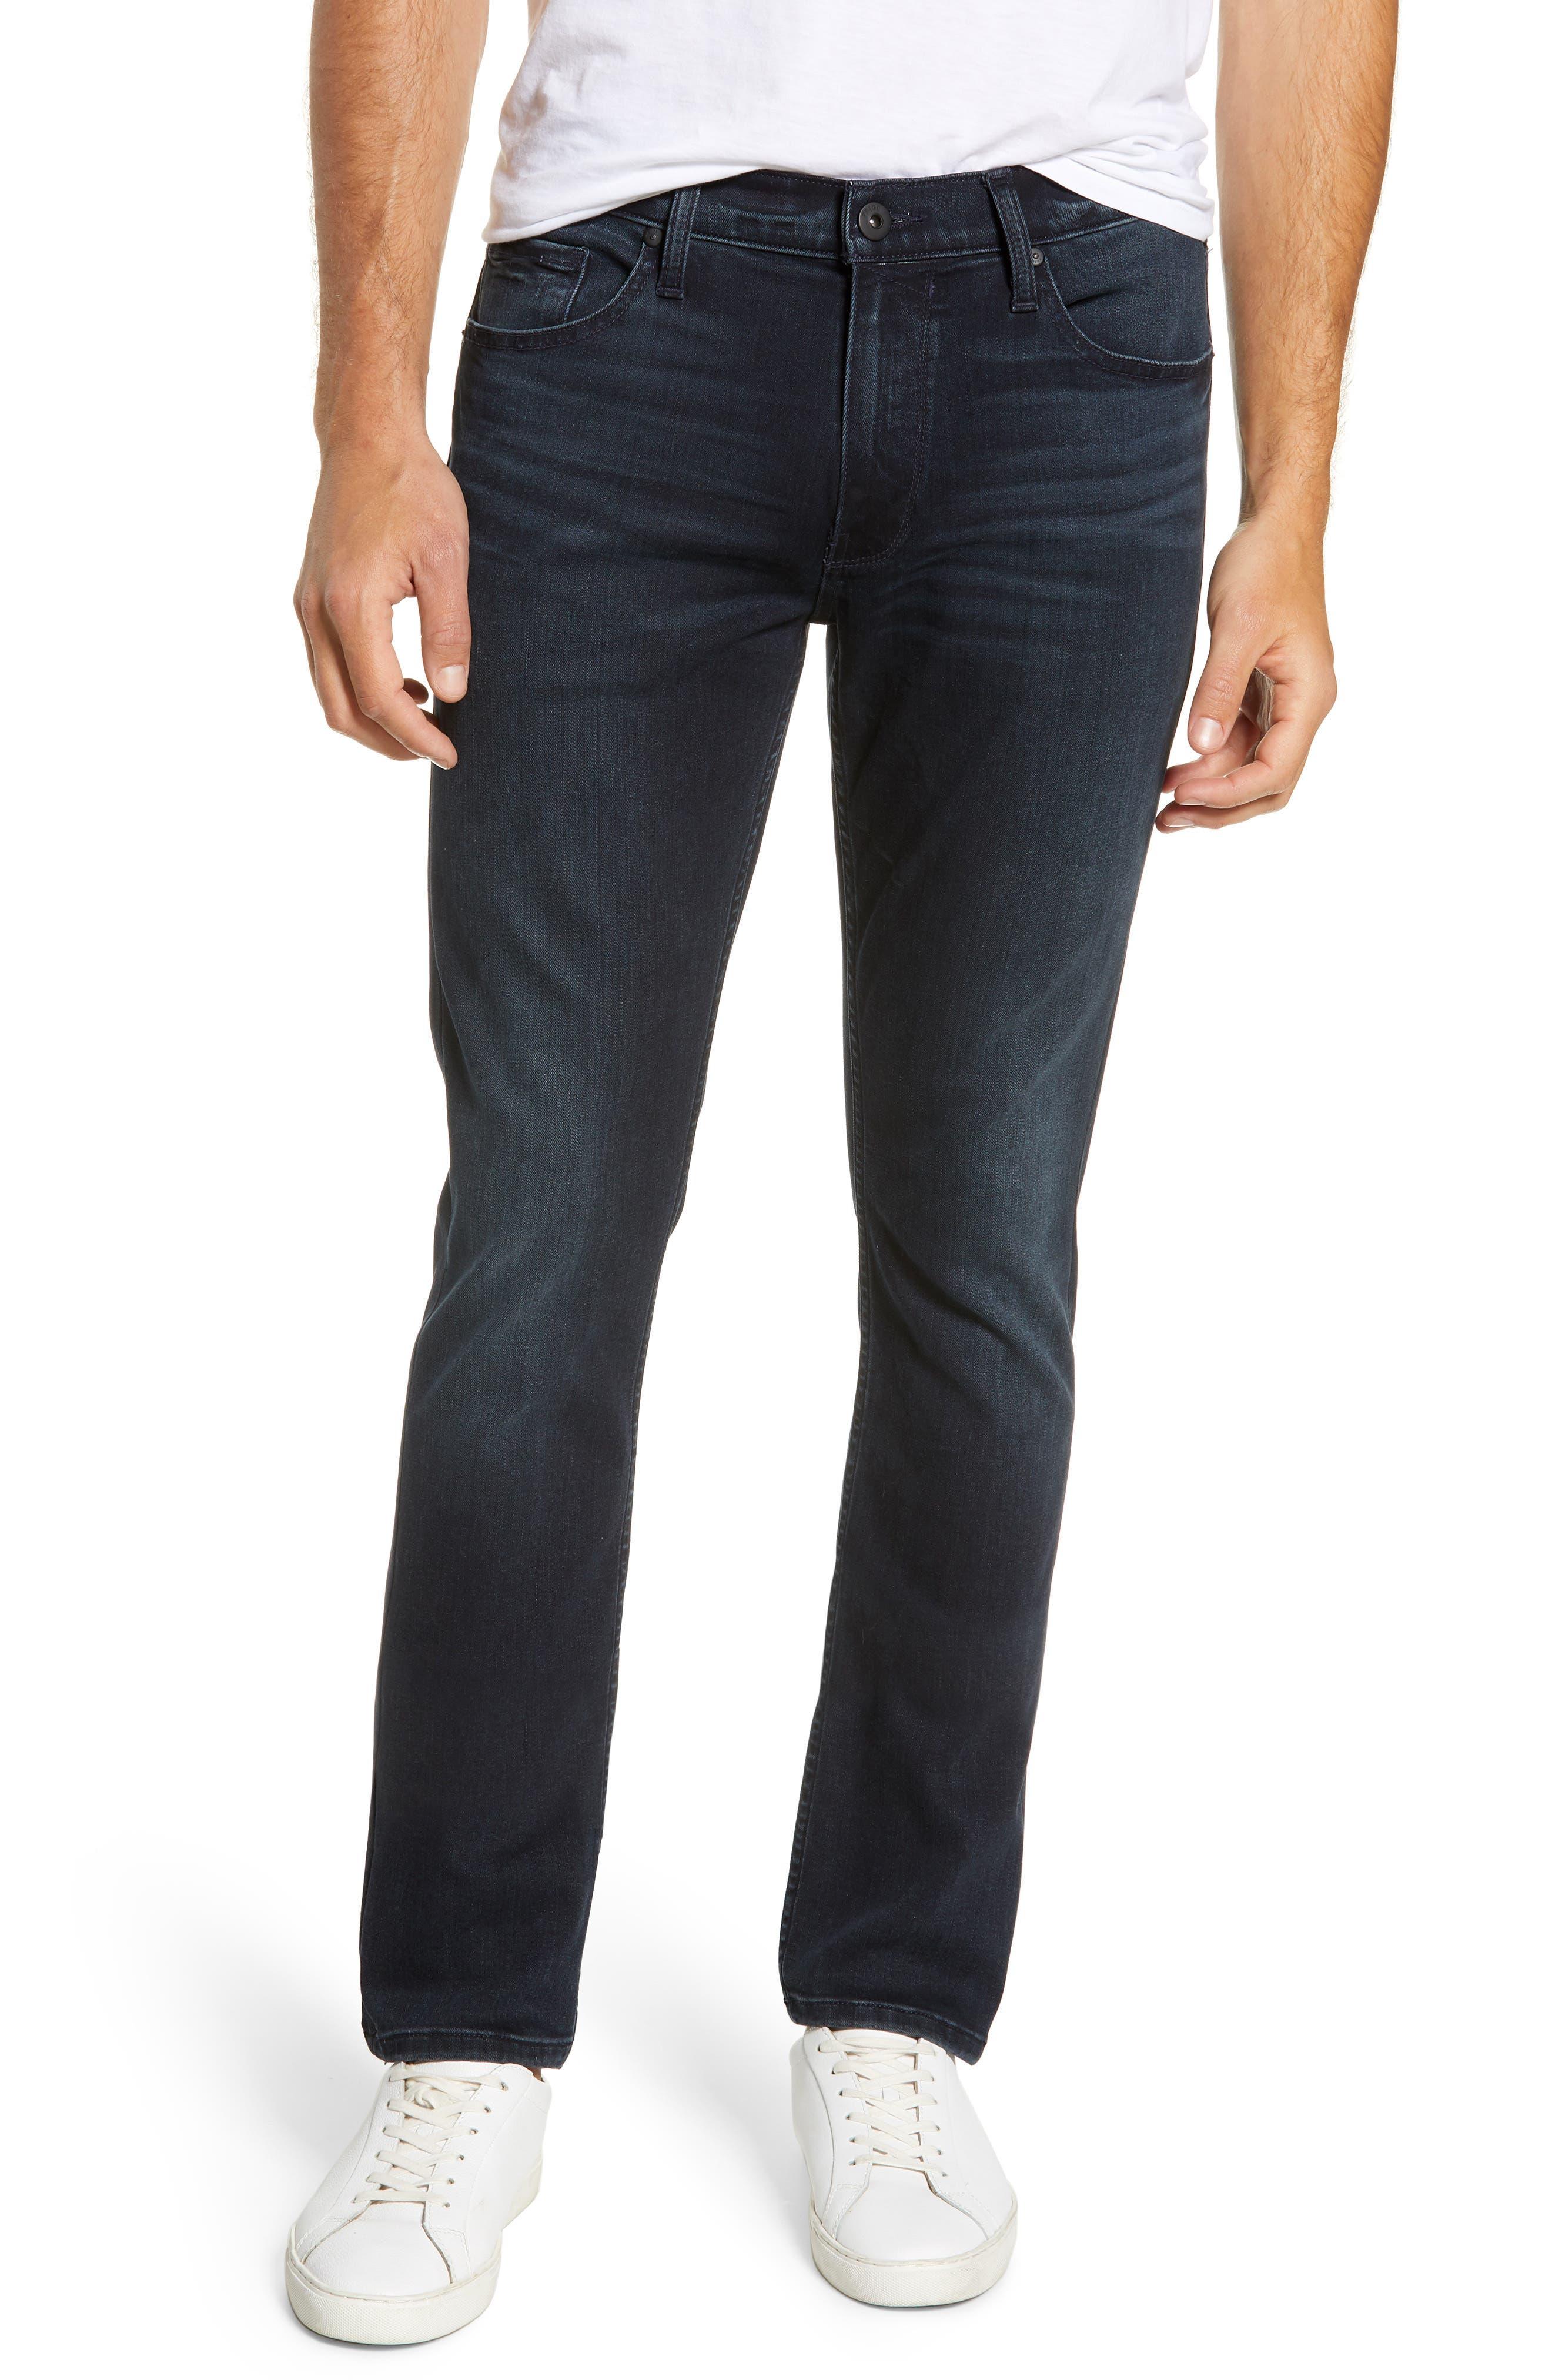 PAIGE, Transcend - Lennox Slim Fit Jeans, Main thumbnail 1, color, HOLLAND